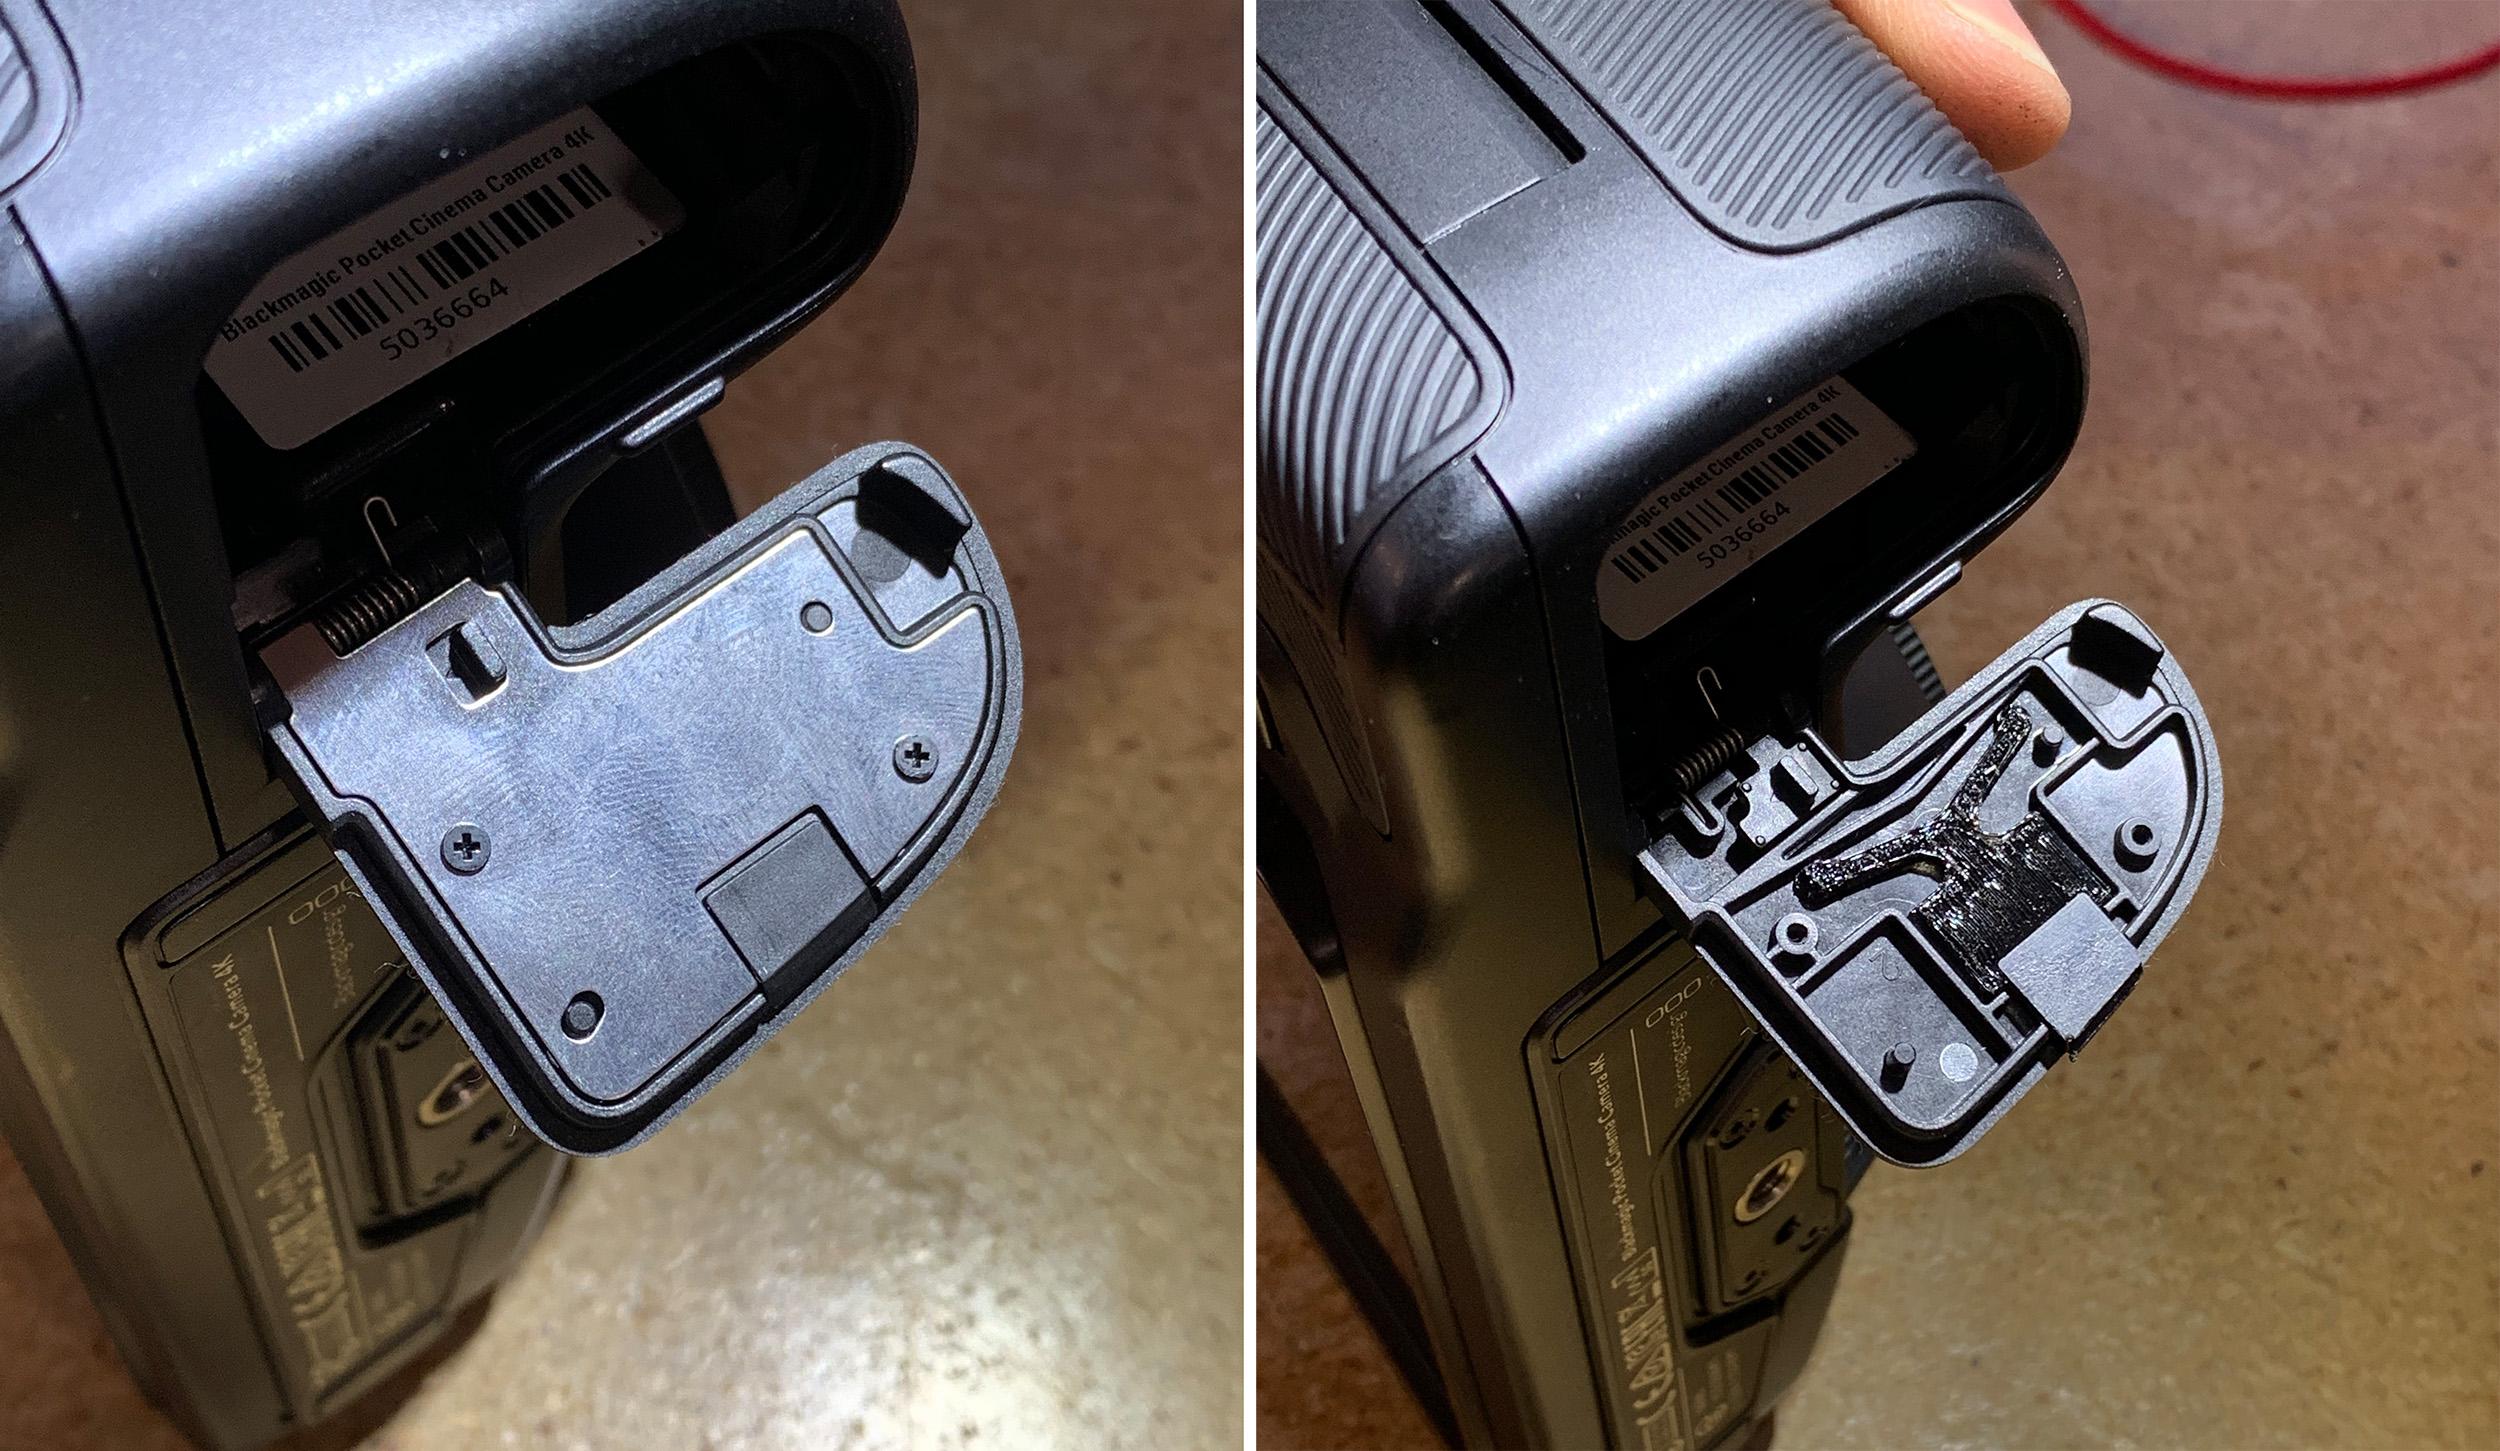 Problems – Fixing the Broken Battery Door of the Blackmagic